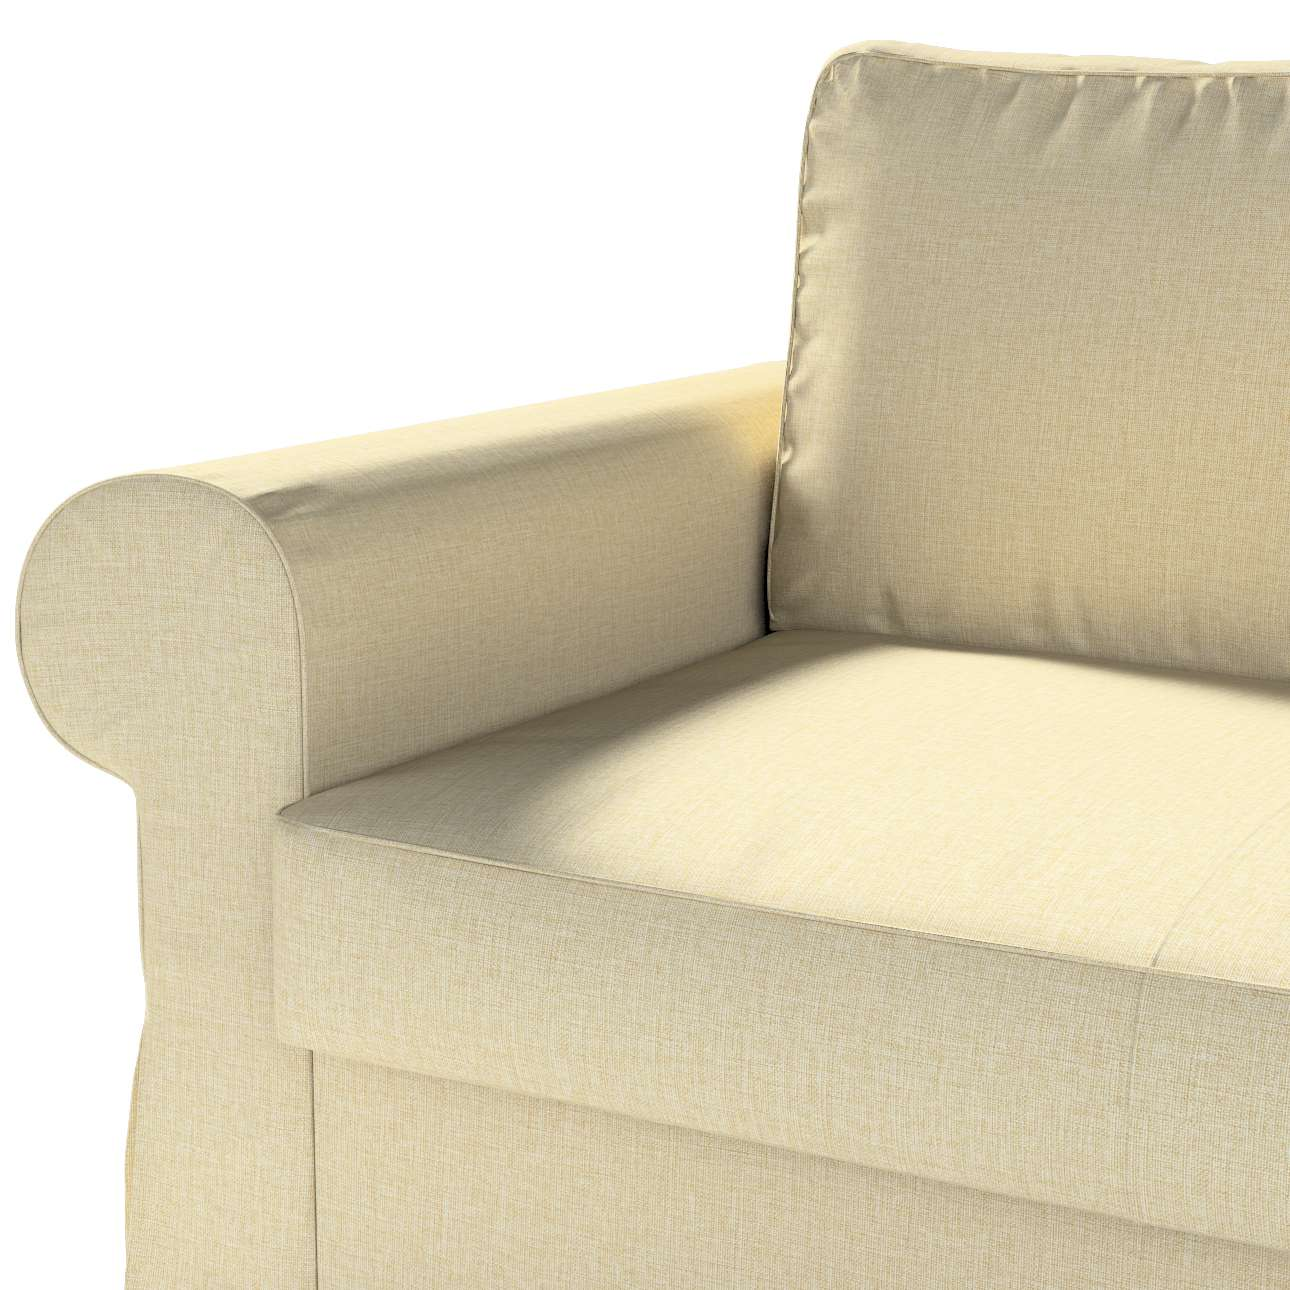 Bezug für Backabro 2-Sitzer Sofa ausklappbar von der Kollektion Living, Stoff: 161-45